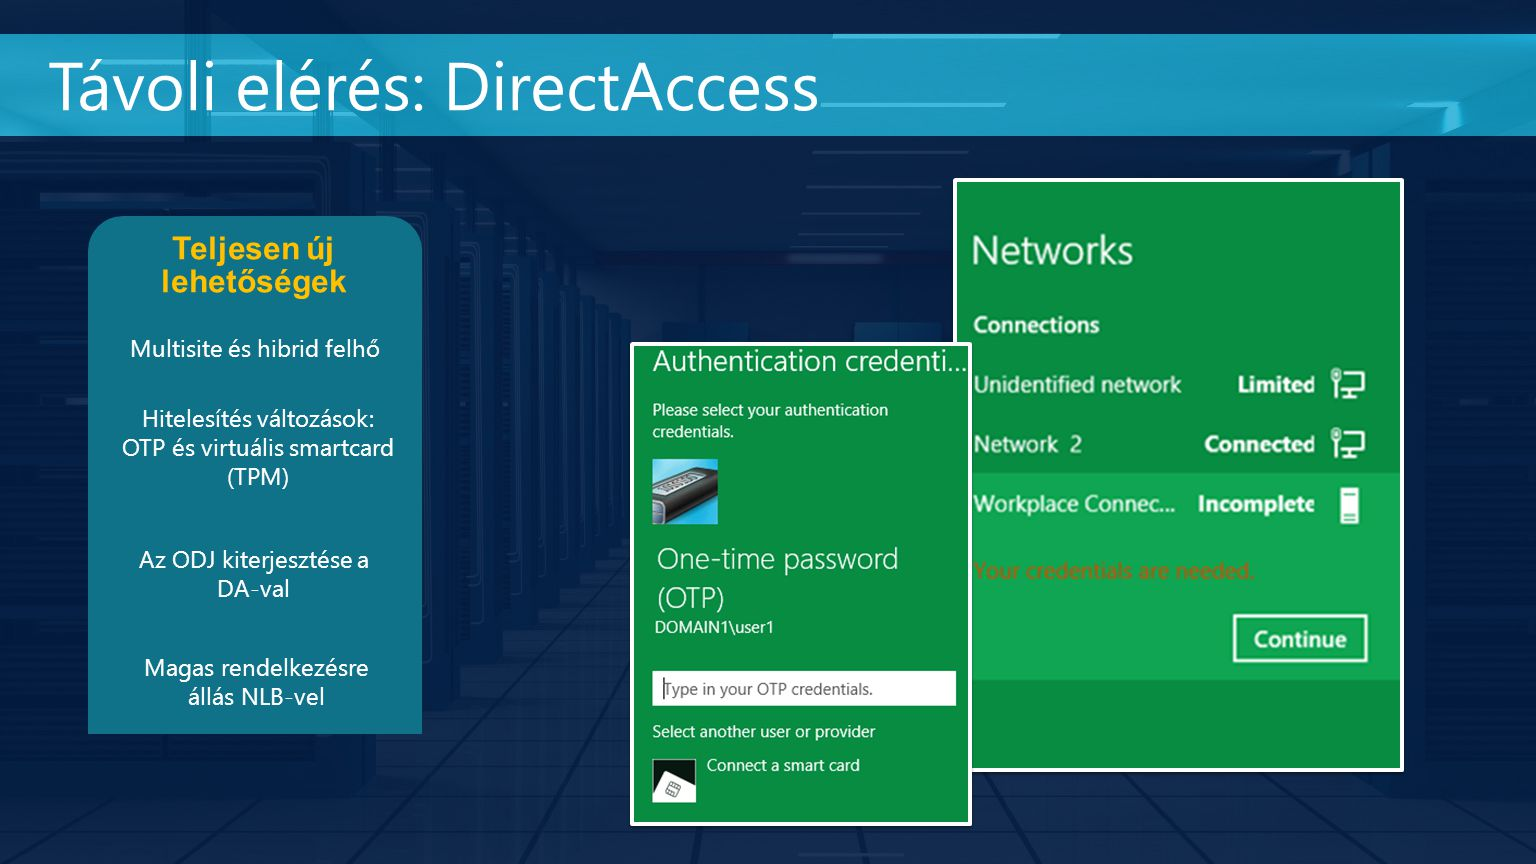 Távoli elérés: DirectAccess Teljesen új lehetőségek Multisite és hibrid felhő Hitelesítés változások: OTP és virtuális smartcard (TPM) Az ODJ kiterjesztése a DA-val Magas rendelkezésre állás NLB-vel